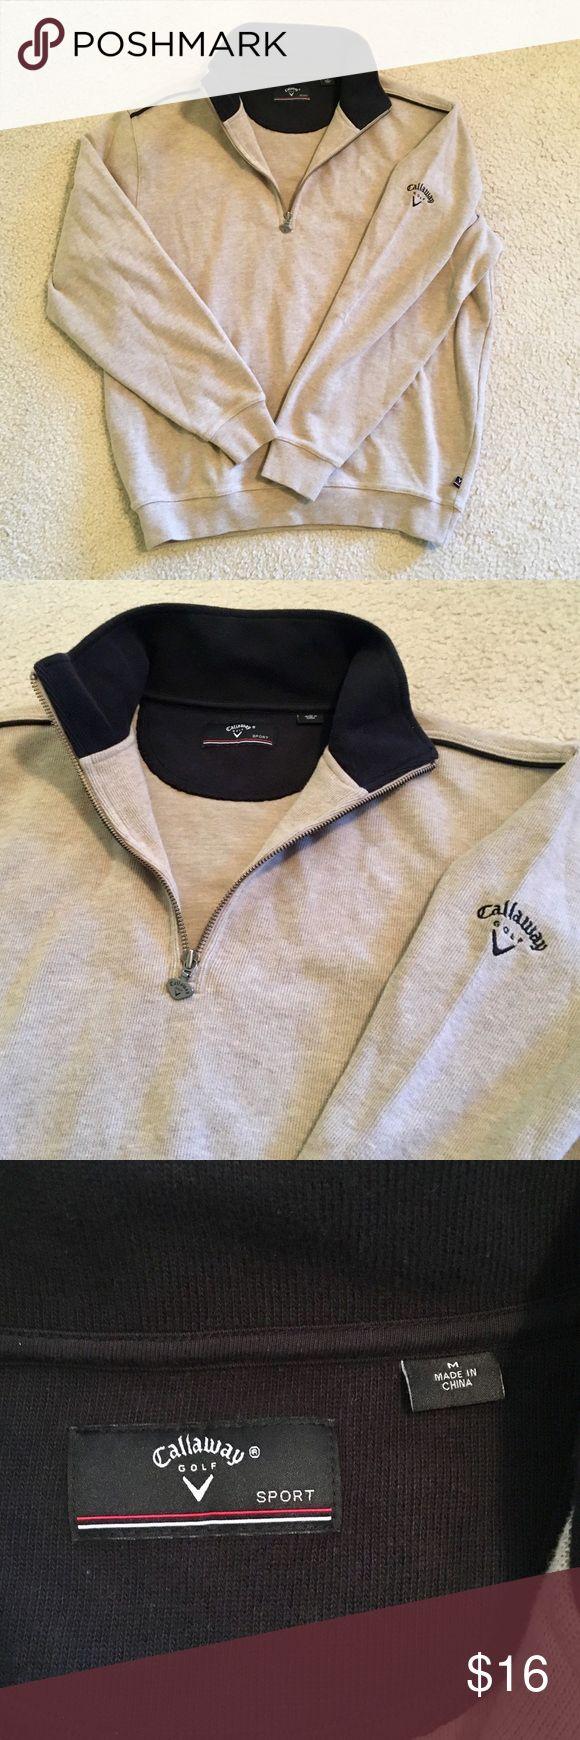 Callaway Golf Half ZIP Sweater Never been worn, no flaws.  Great neutral color! Callaway Sweaters Zip Up